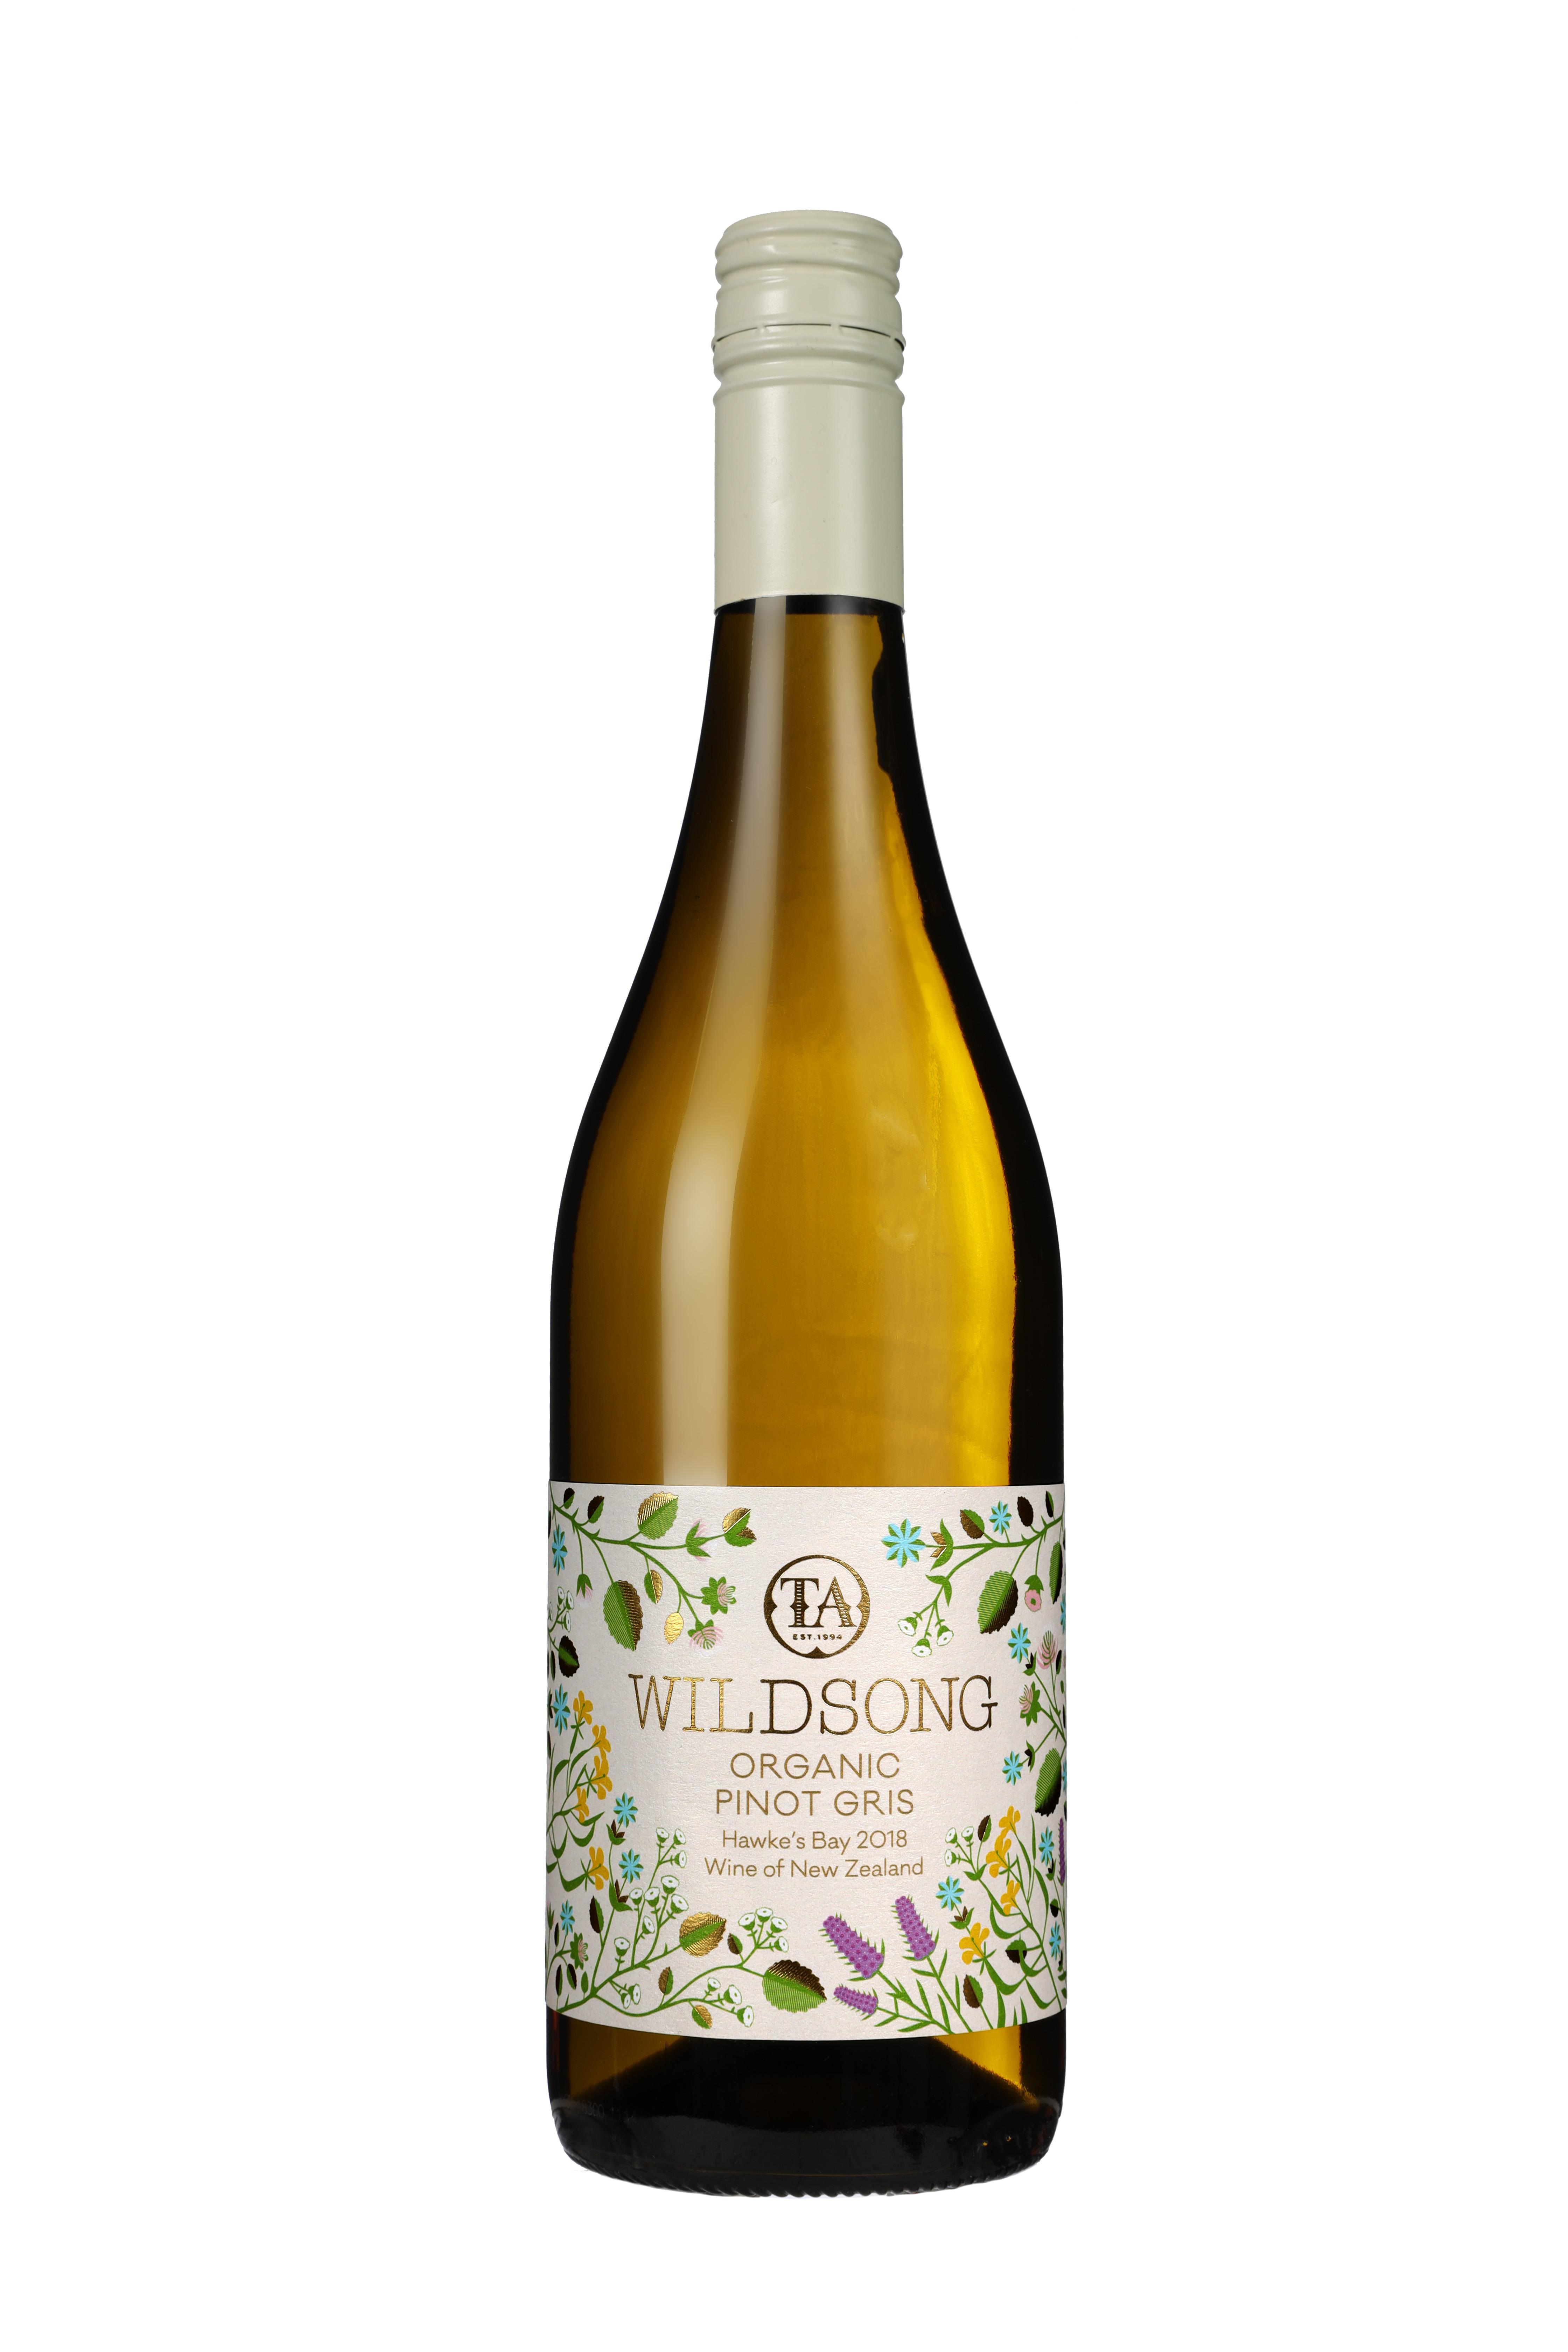 Wildsong Organic Pinot Gris